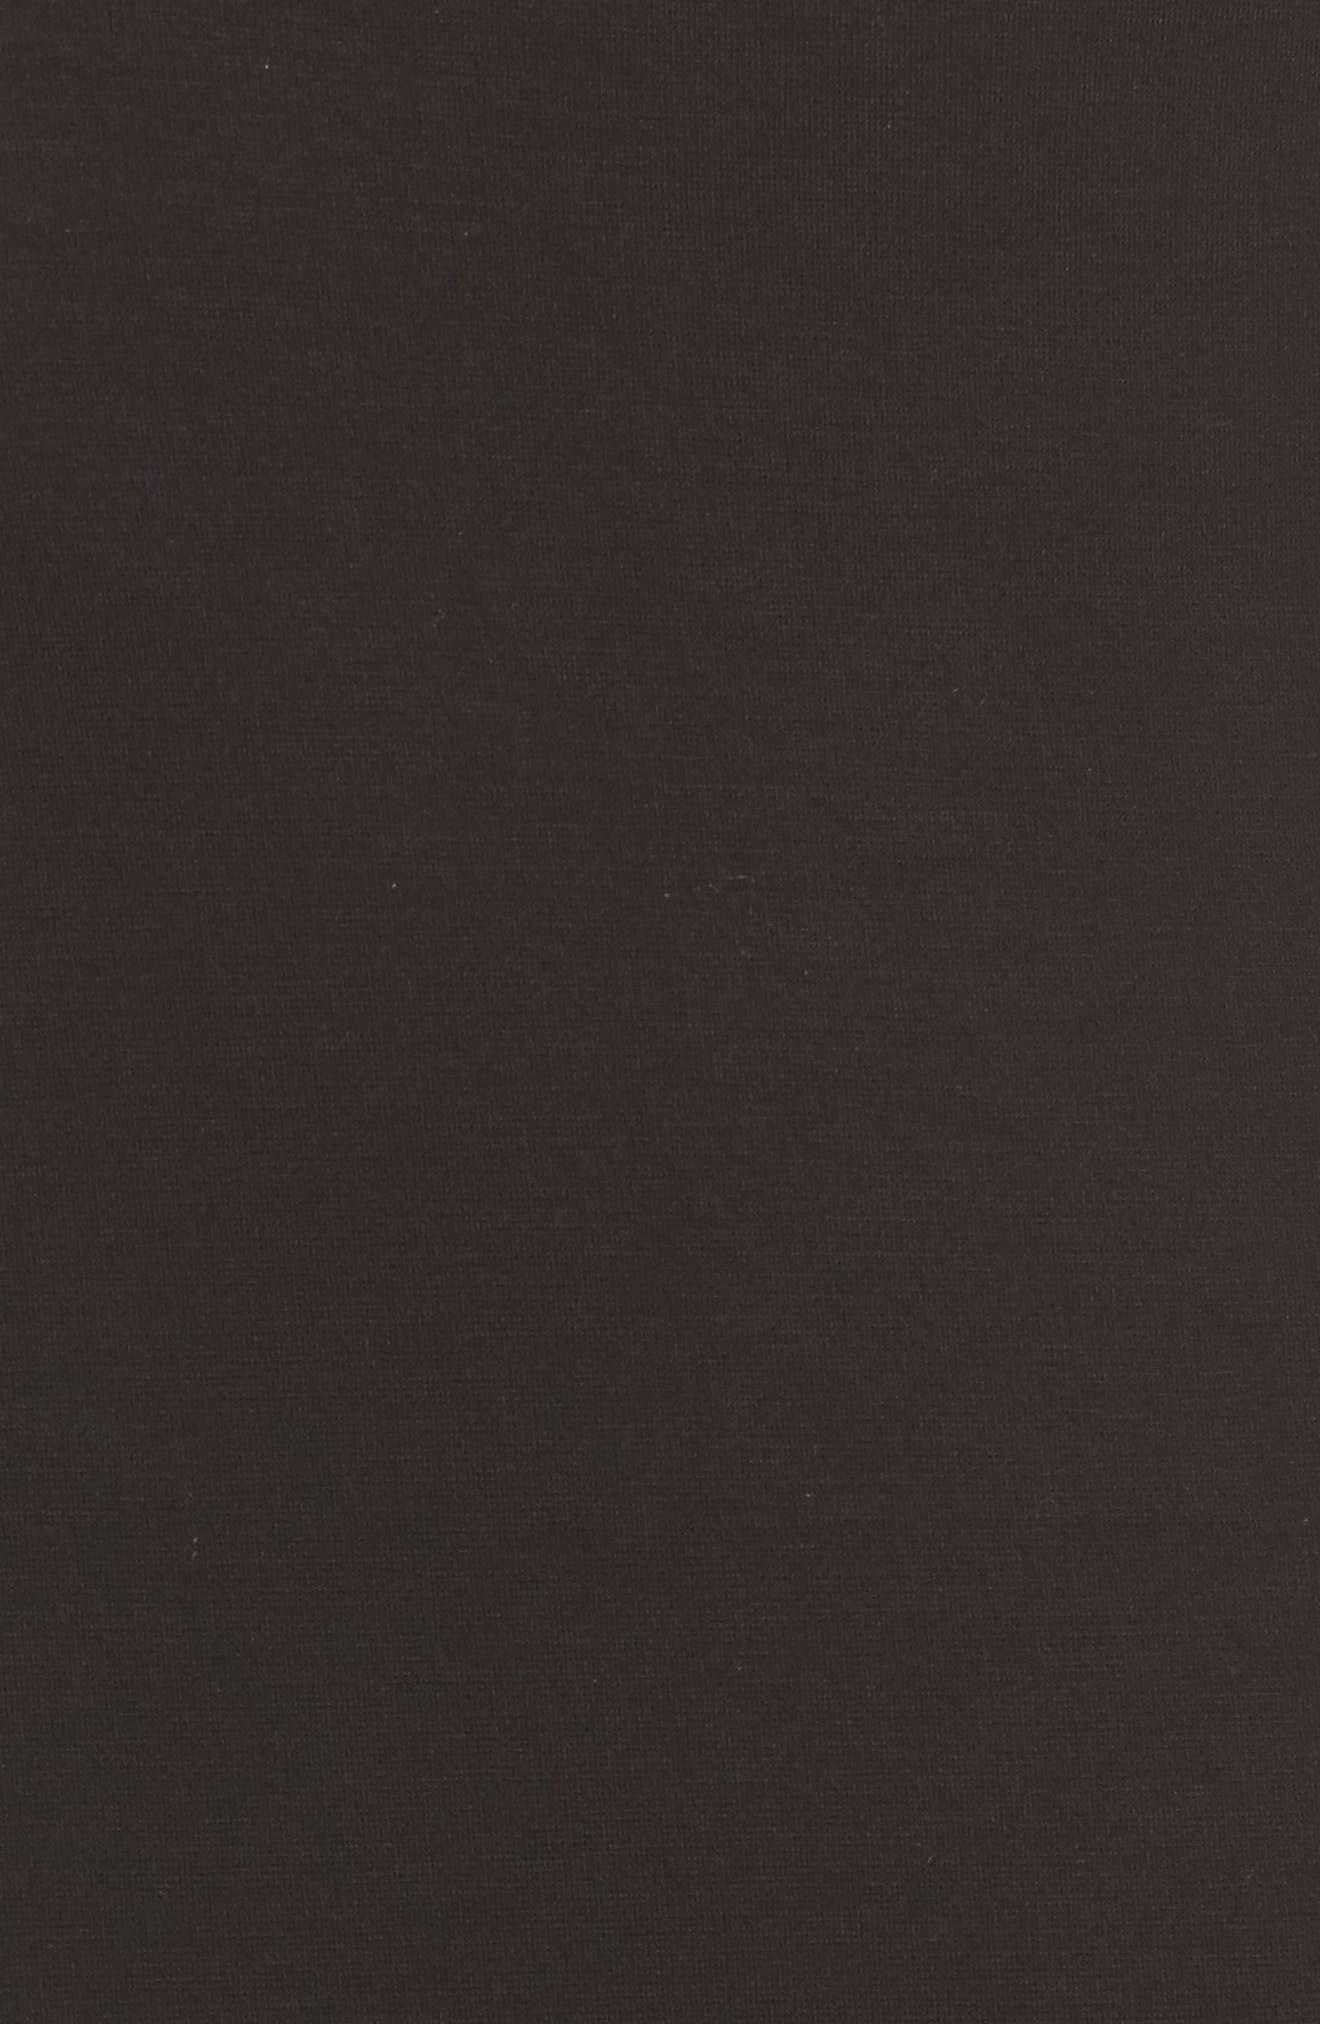 High Waist Knit Skirt,                             Alternate thumbnail 5, color,                             Black